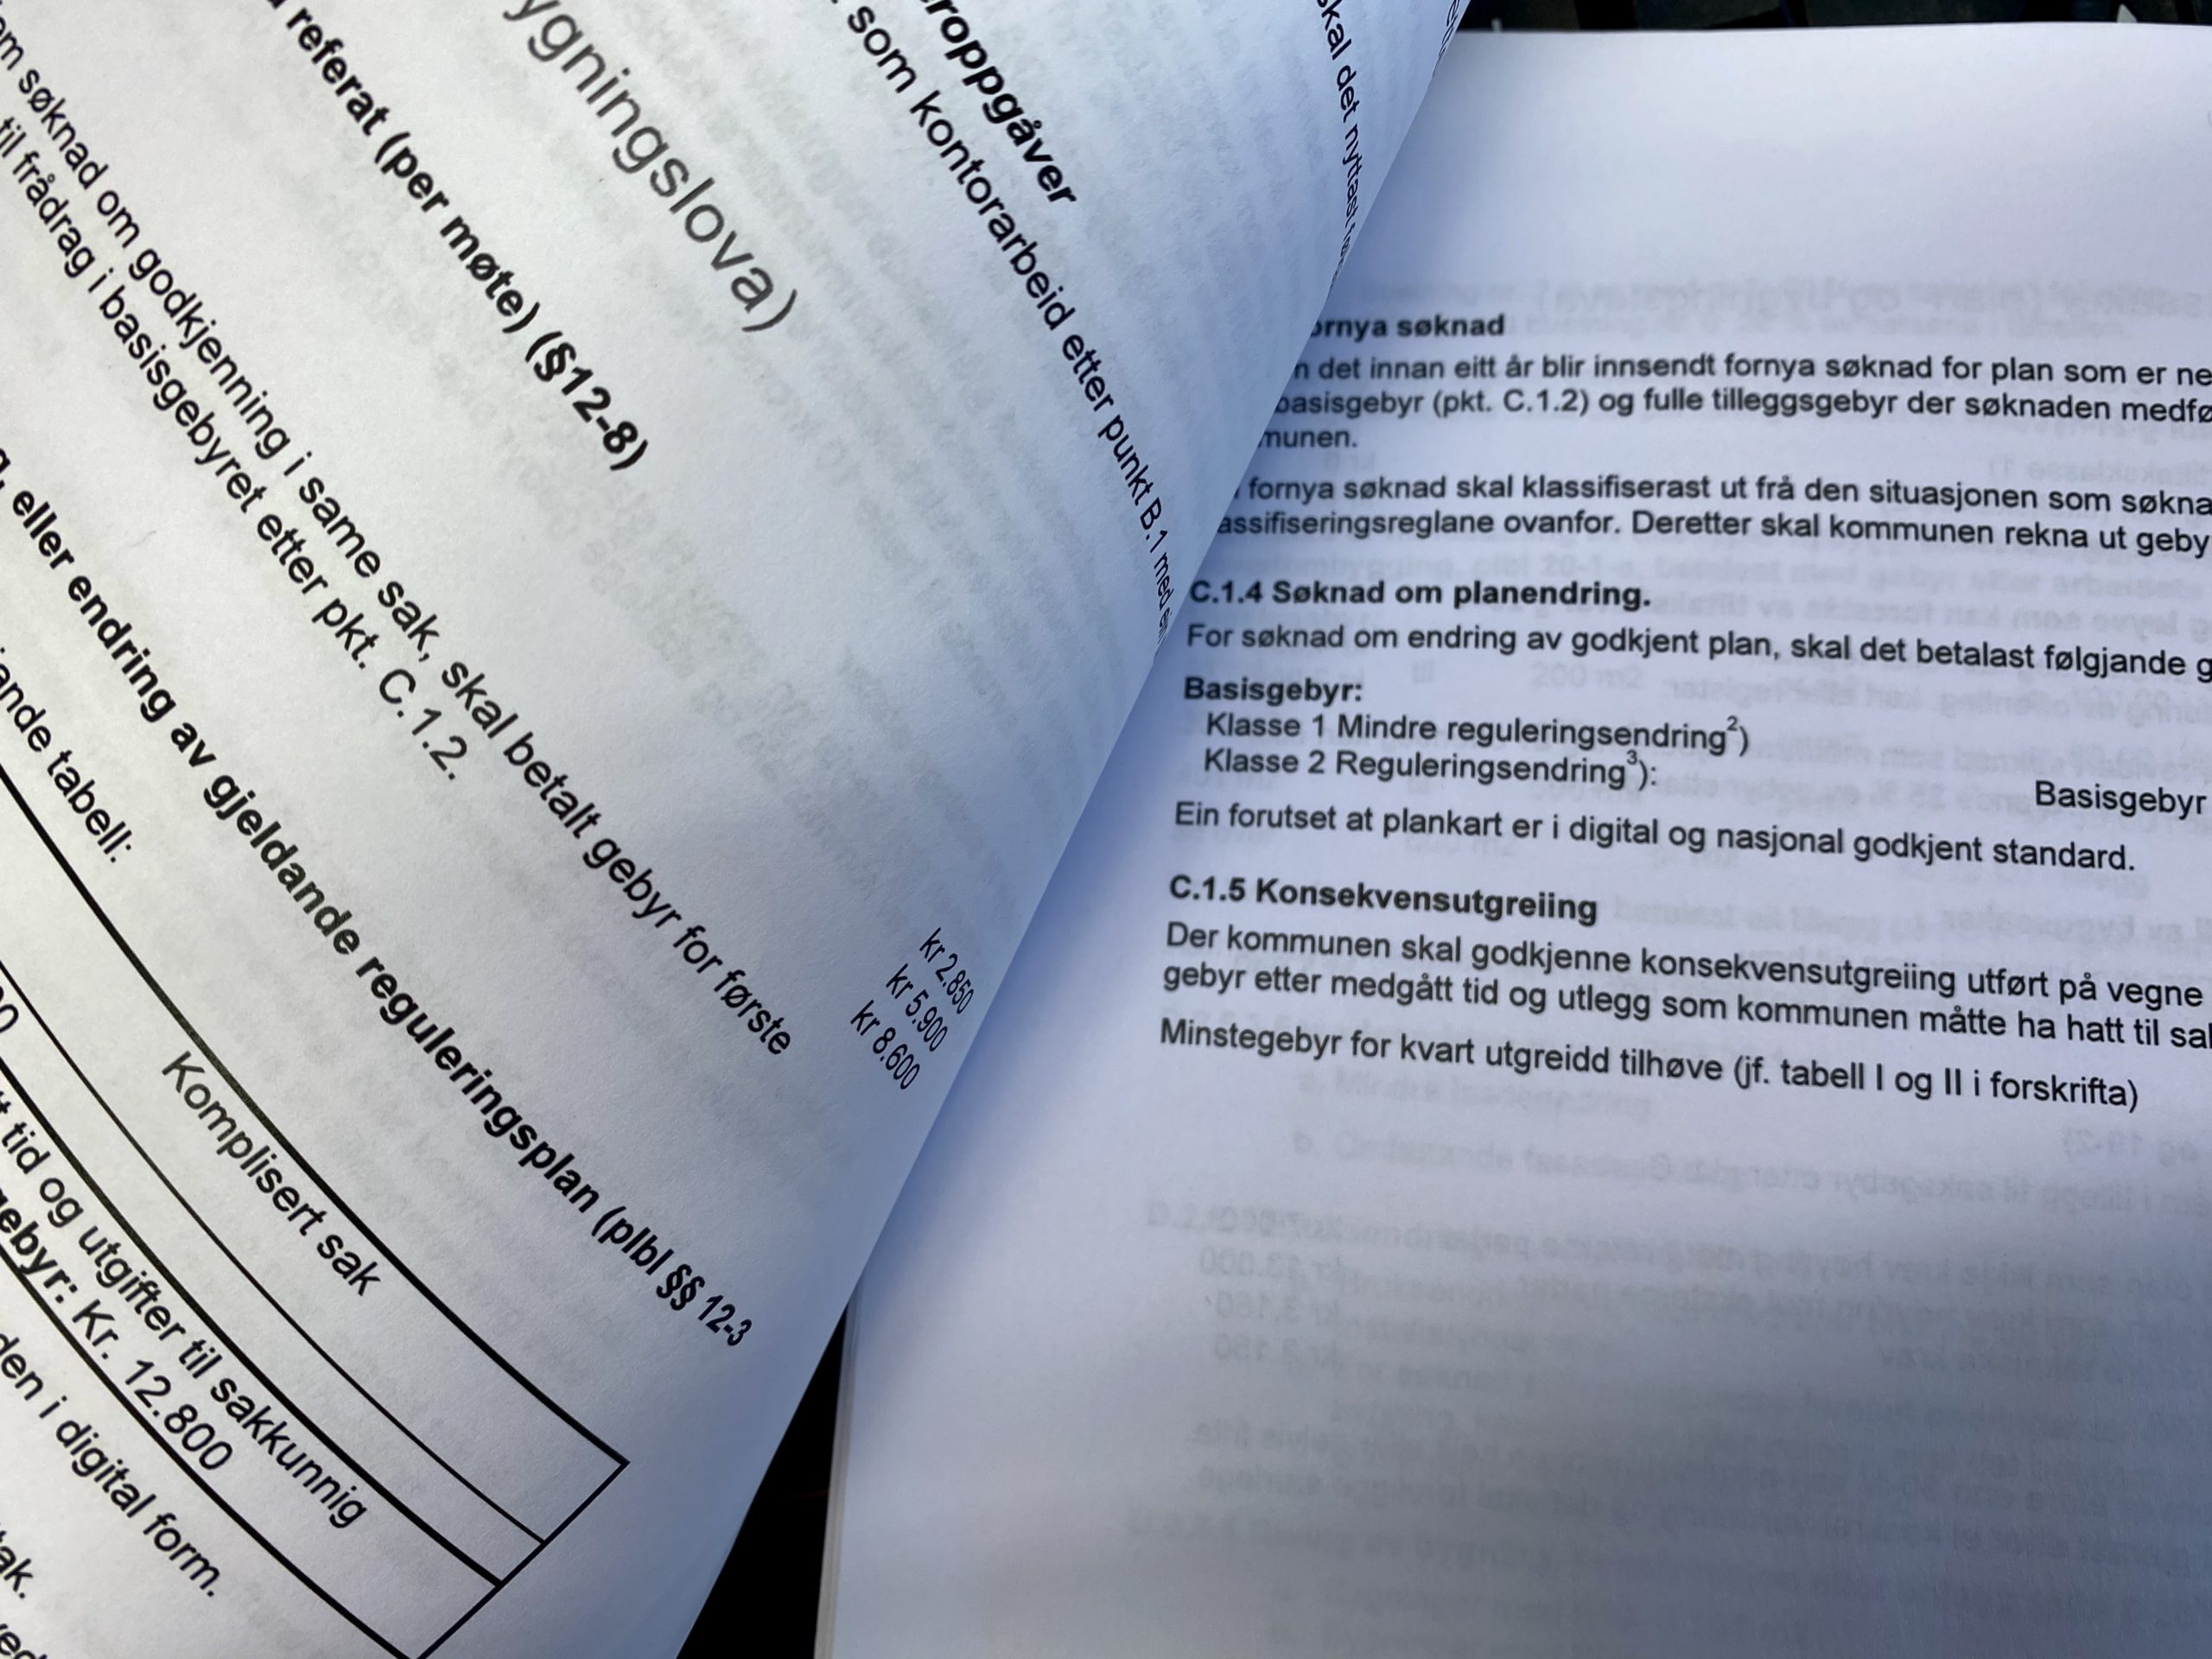 Dokument som syner gebyrregulativ for kommunen